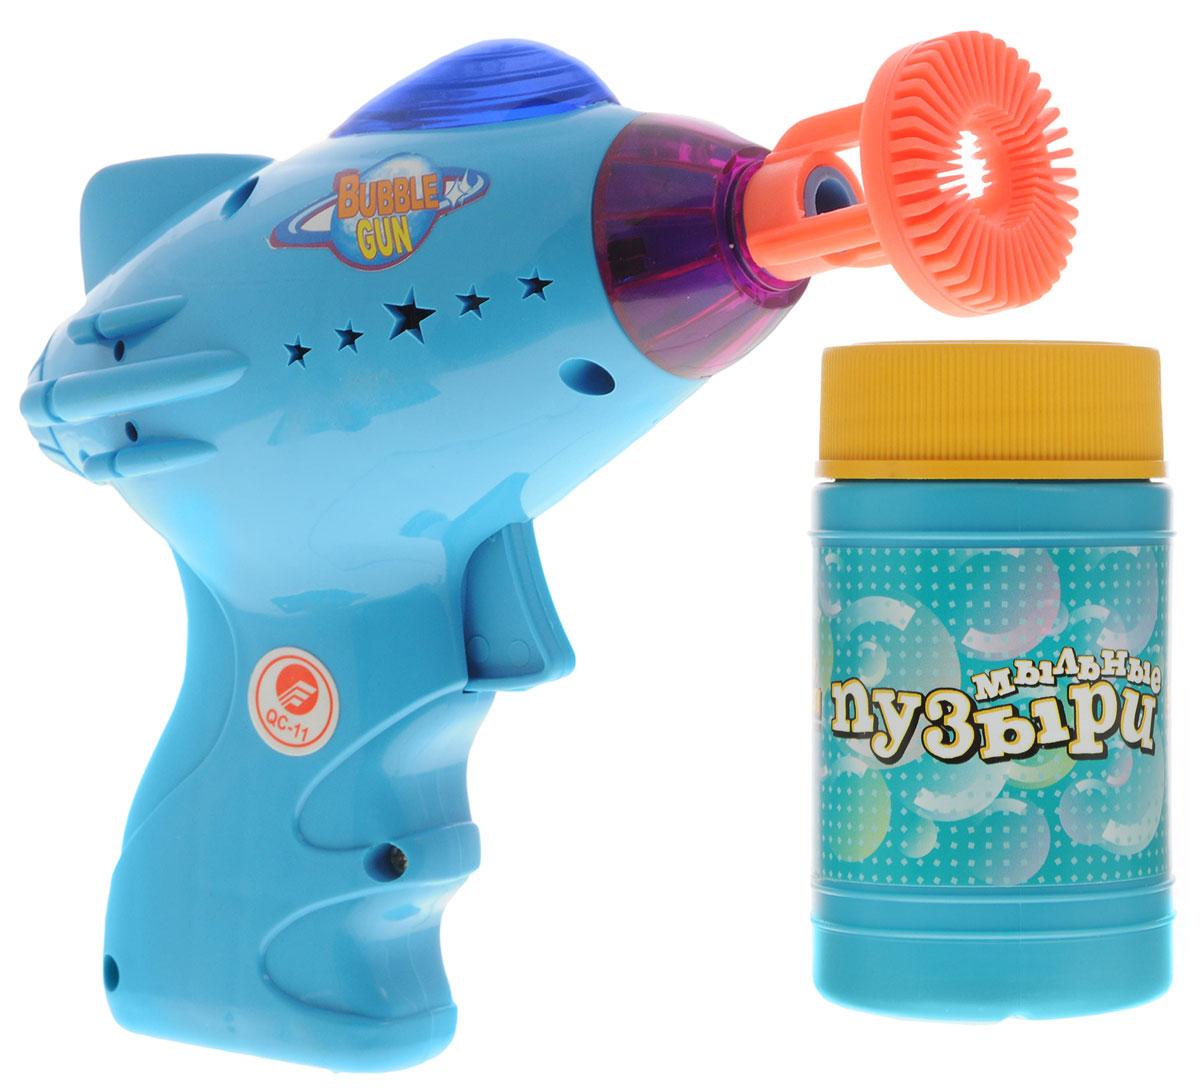 Веселая затея Набор для пускания мыльных пузырей Космос цвет голубой 140 мл1504-0193_голубойВыдувание мыльных пузырей - это веселое развлечение для детей и взрослых. А с игрушкой Веселая затея Космос вас ждет просто гигантская очередь мыльных пузырей! Для этого налейте мыльный раствор в емкость, опустите в нее носик игрушки, поднимите в воздух и нажмите на курок. Вы увидите невероятное количество пузырей. Устройте малышу настоящее мыльное шоу! Игрушка обладает световыми и звуковыми эффектами. Необходимо купить 2 батарейки напряжением 1,5V типа АА (не входят в комплект).